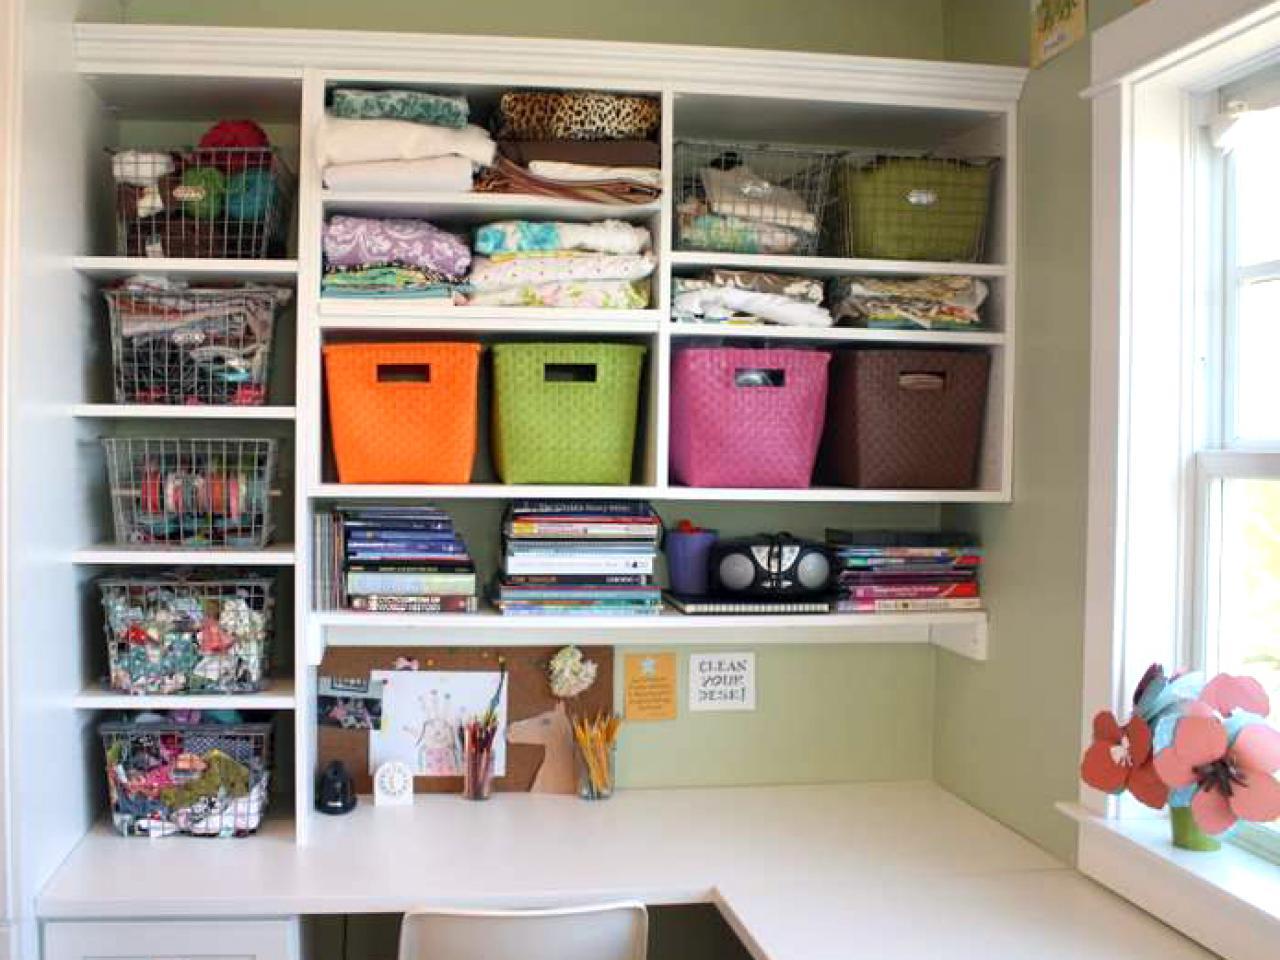 Clever Storage Ideas For Small Bedrooms بالصور افكار لترتيب وتنظيم غرف الاطفال المرسال